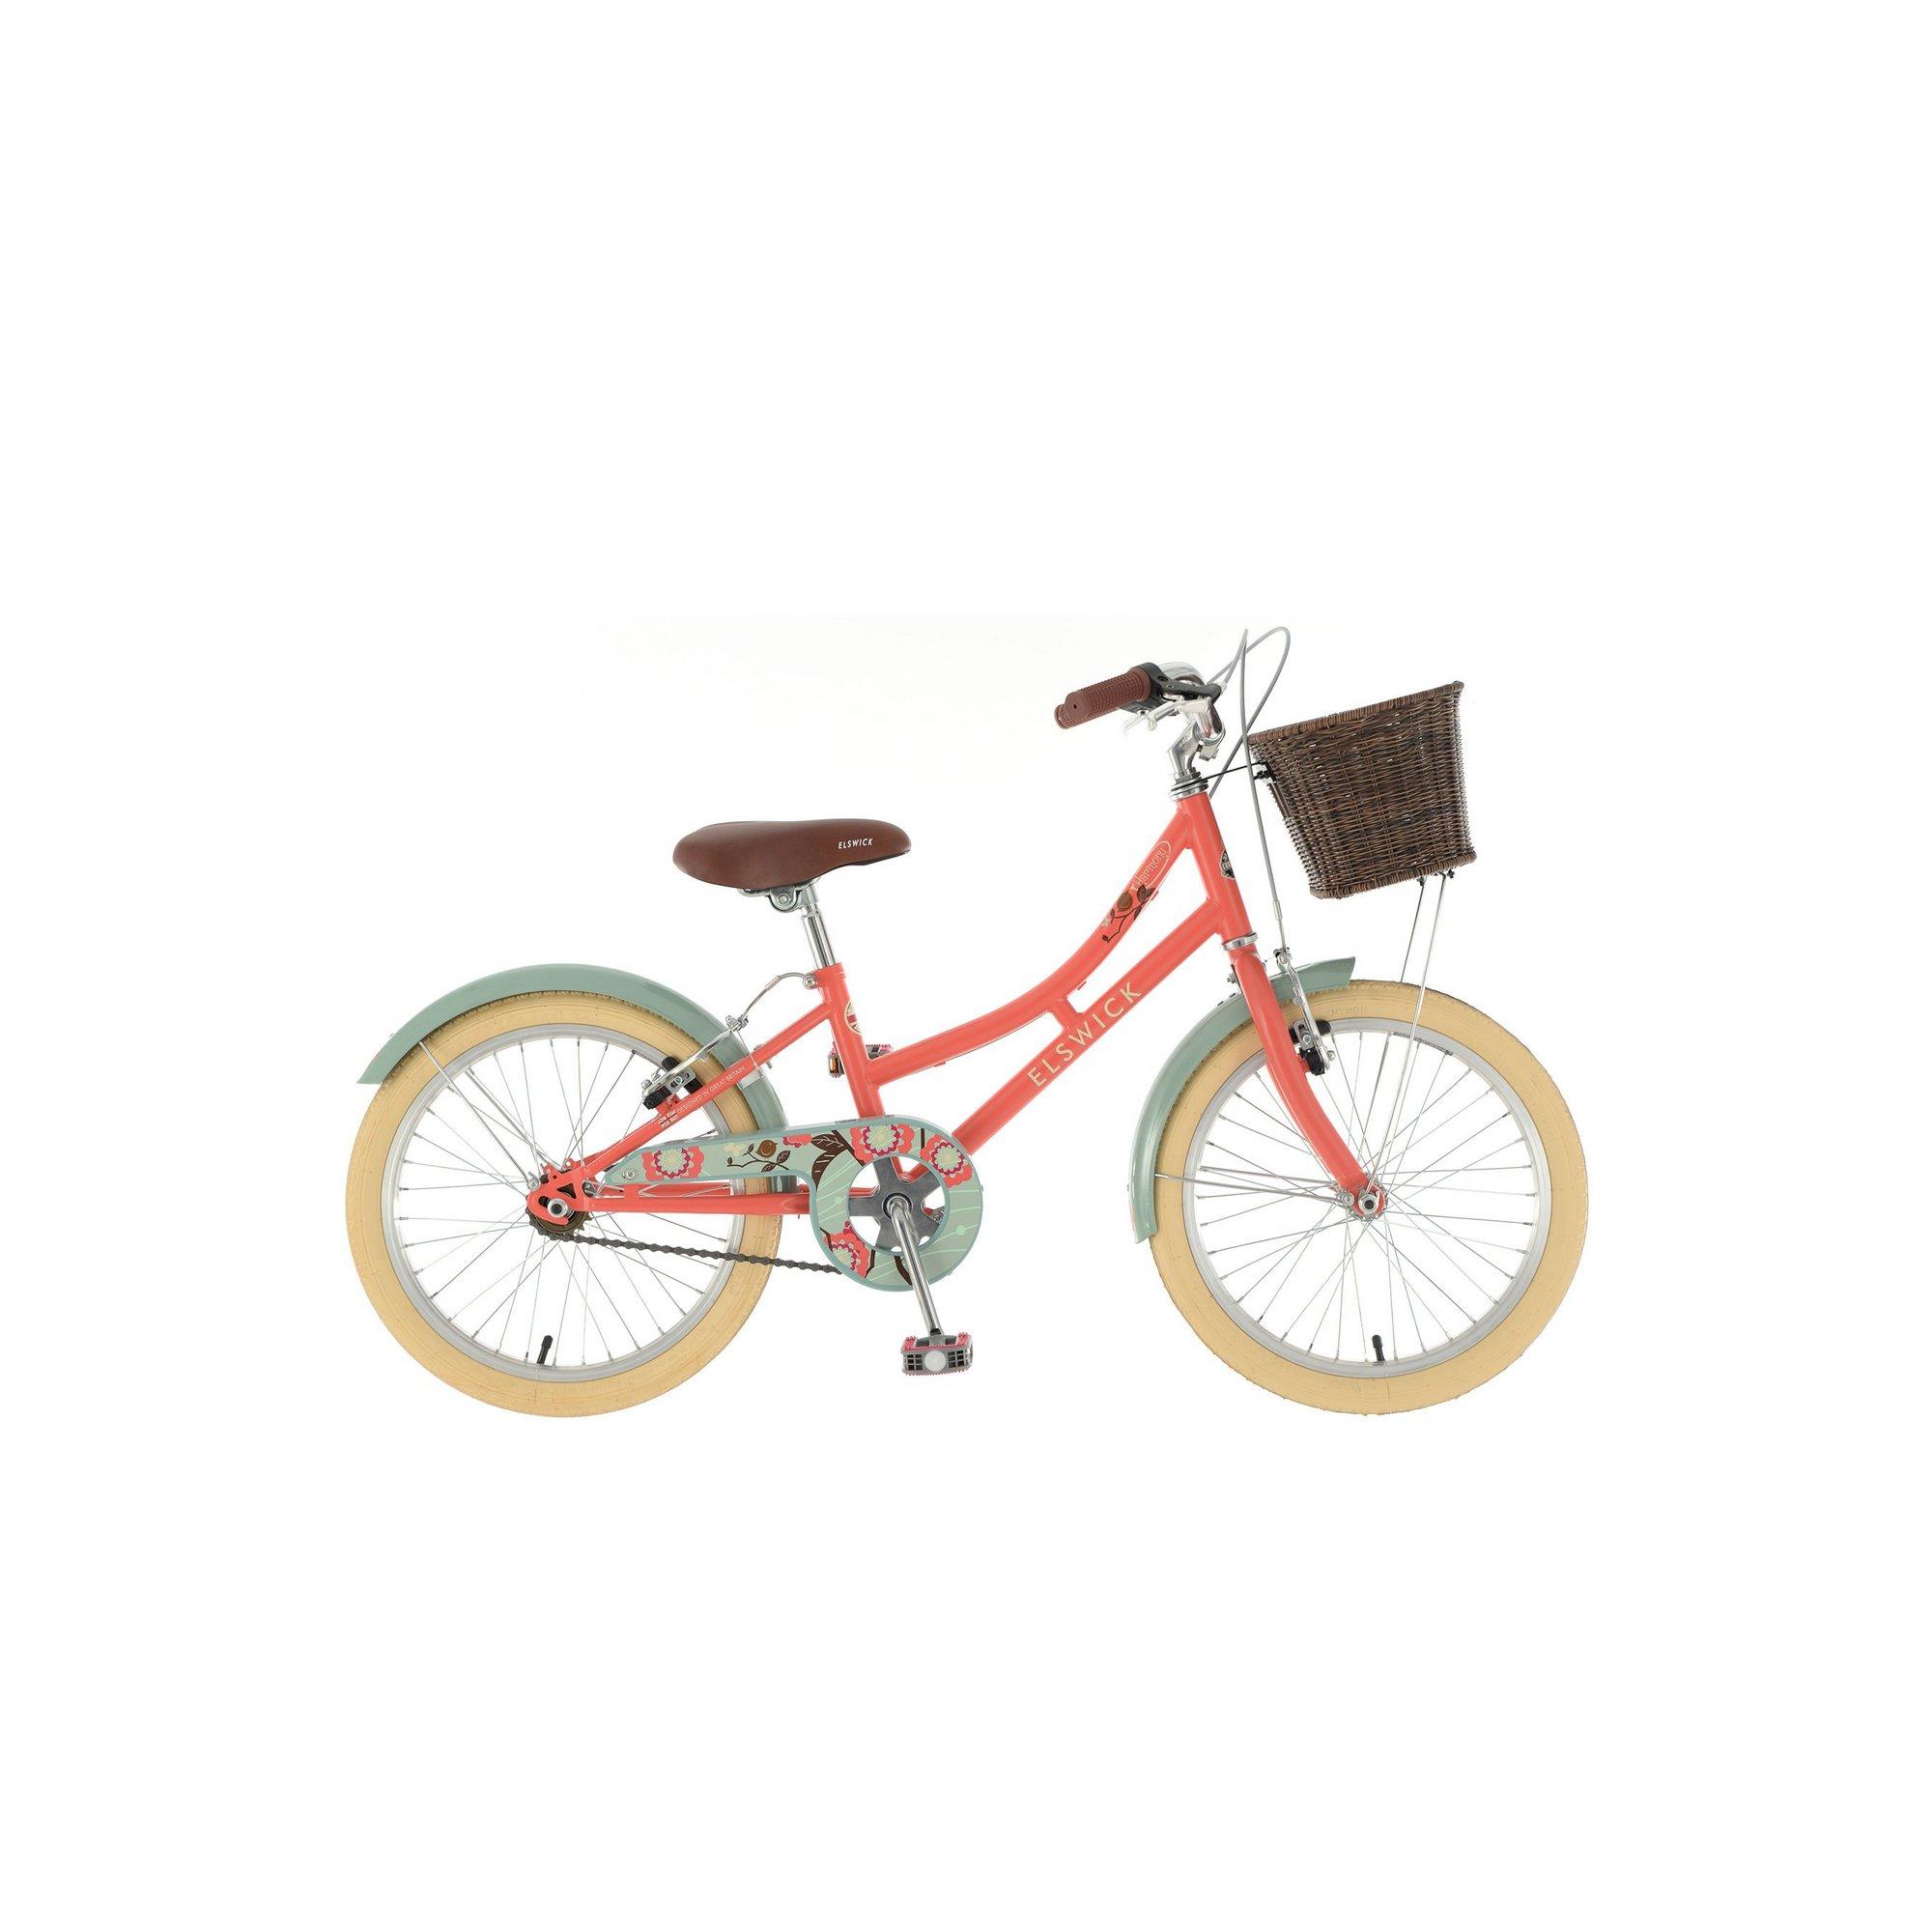 Image of Elswick 18 Inch Harmony Bike